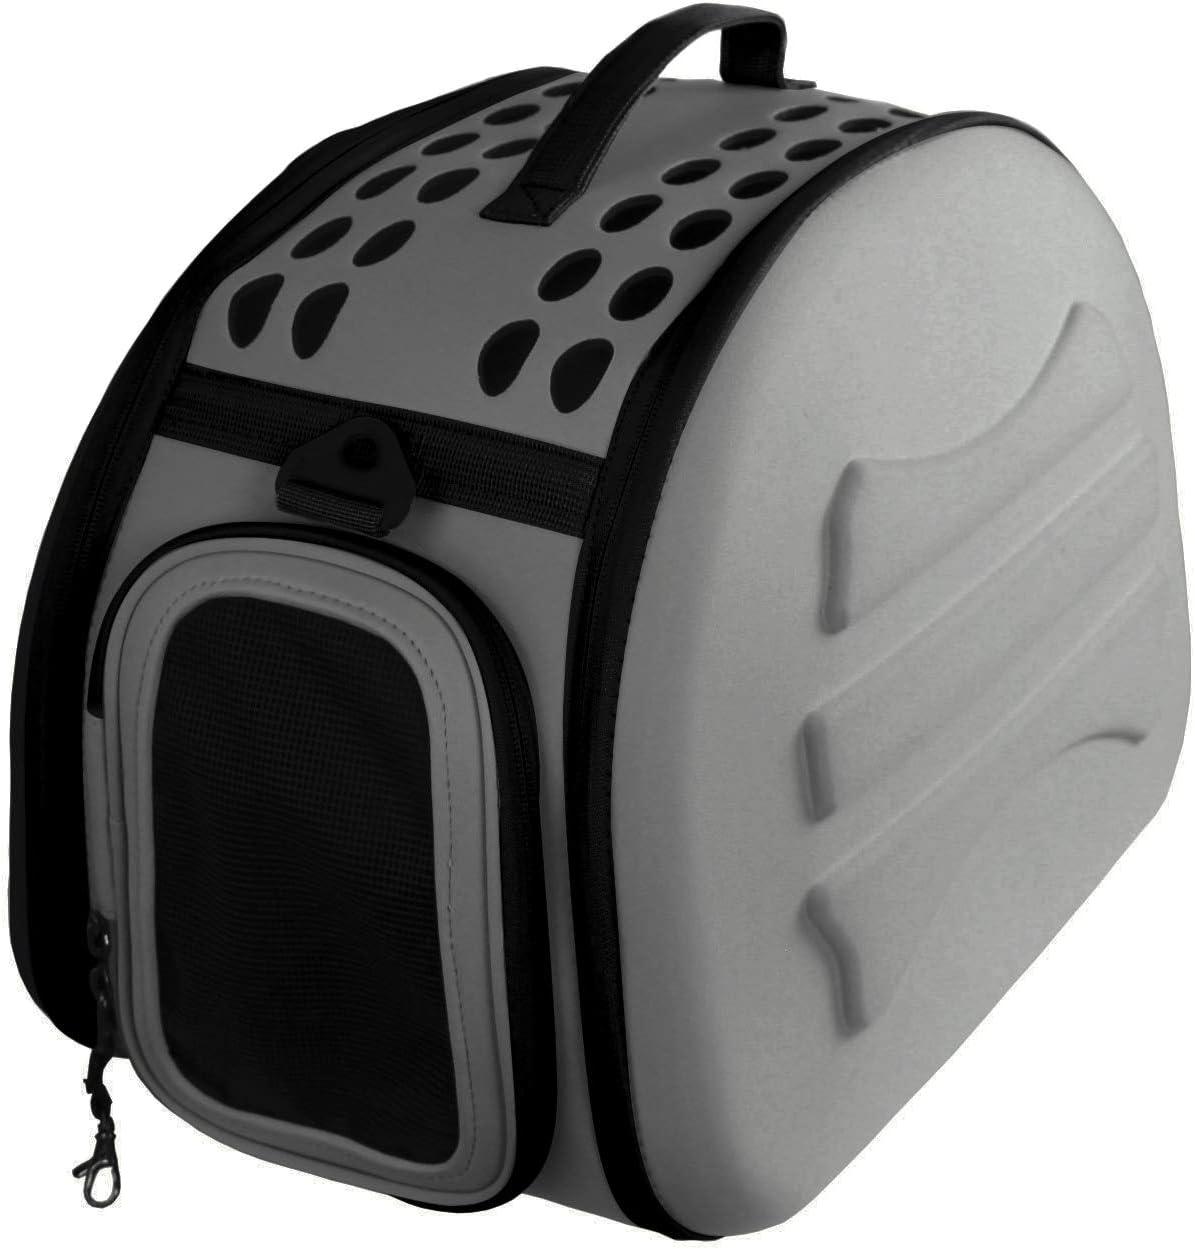 YATEK Transportin para Perros y Gatos Plegable y Lavable, Recomendado para Mascotas de hasta 6kg de Color Gris Oscuro